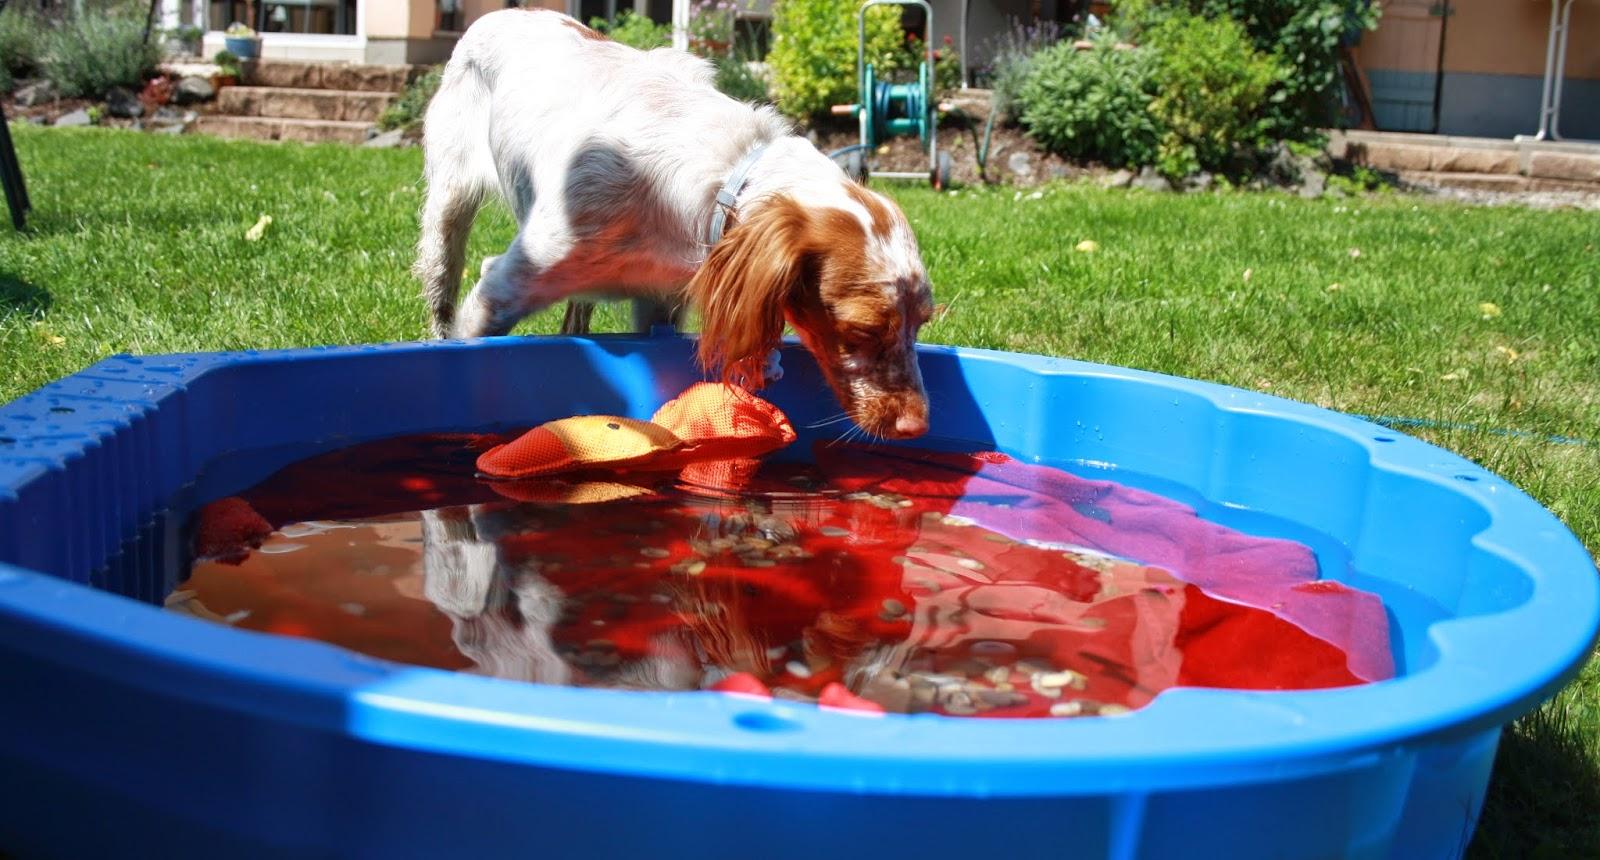 Hundeblog fressen kuscheln buddeln garten poolparty for Garten pool party